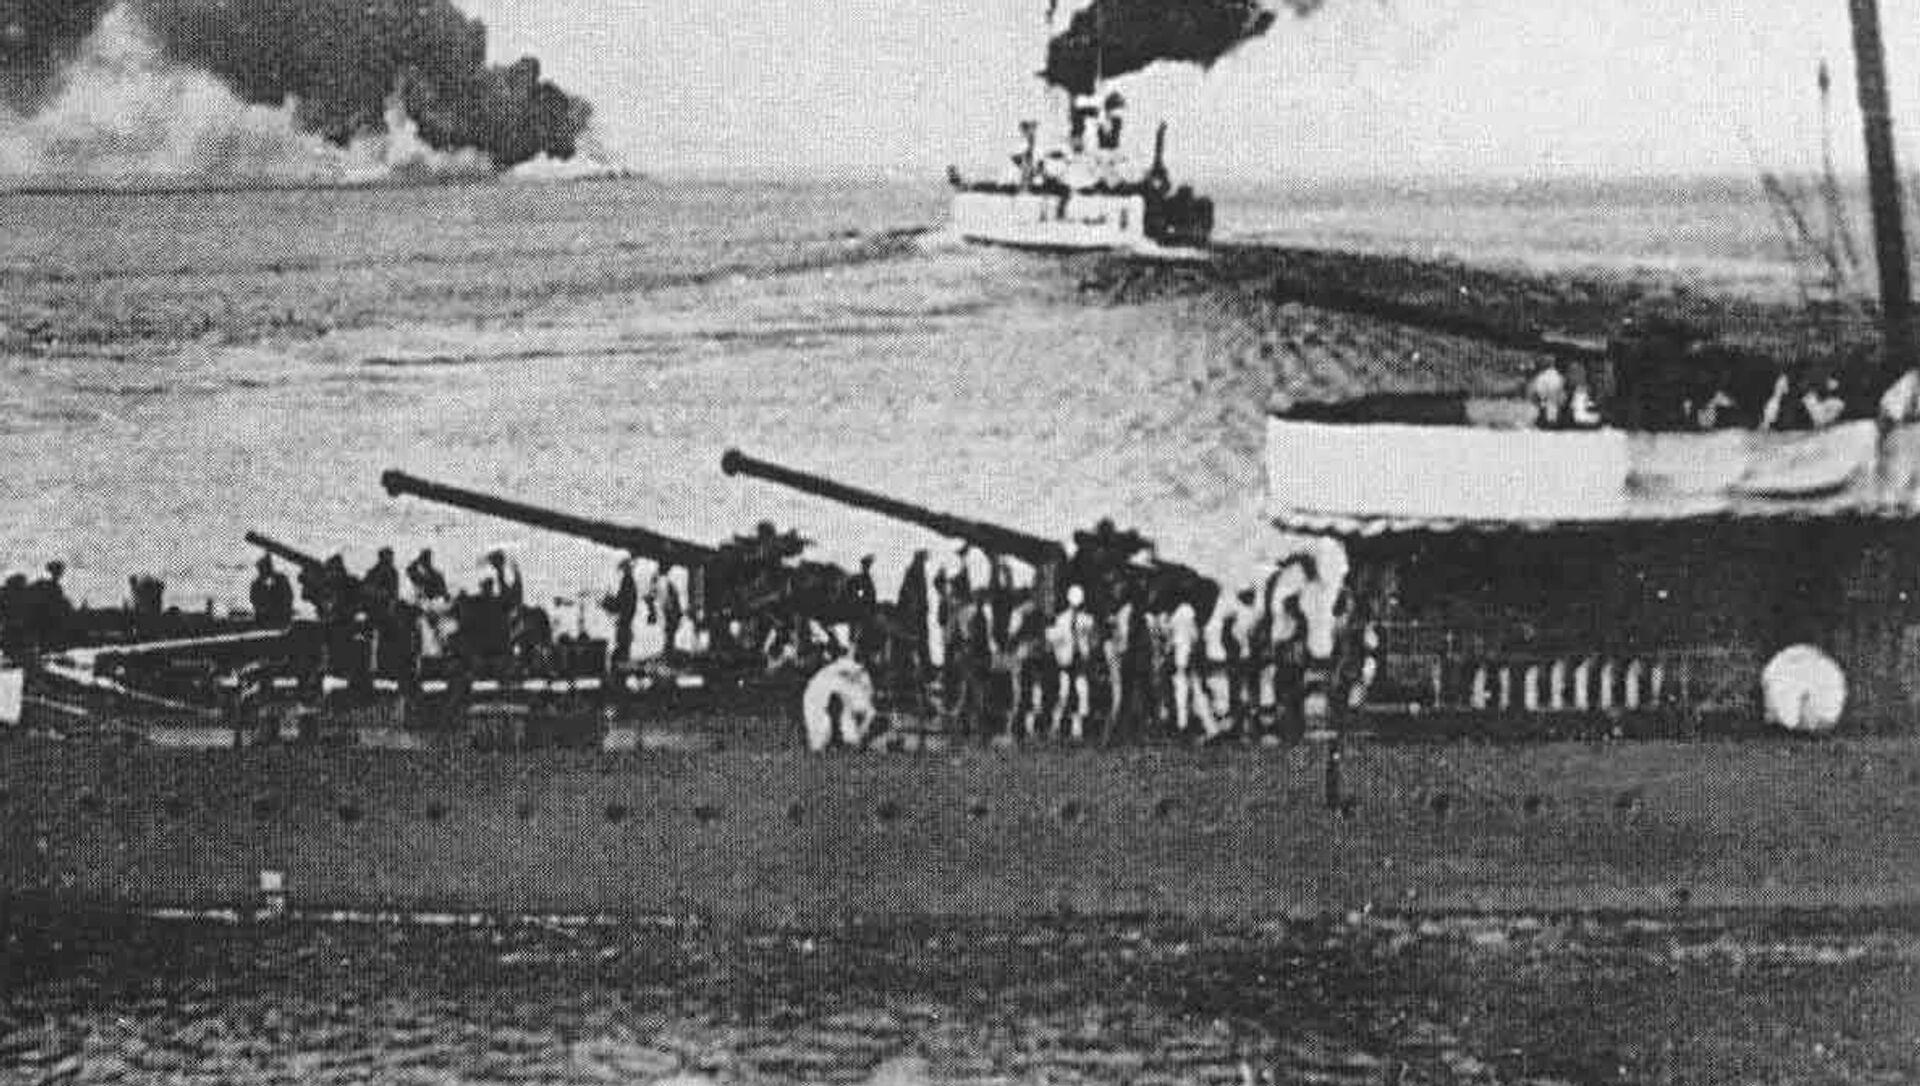 """Pancernik """"Wola"""" wypływa z Noworosyjska do Sewastopola - Sputnik Polska, 1920, 18.06.2021"""